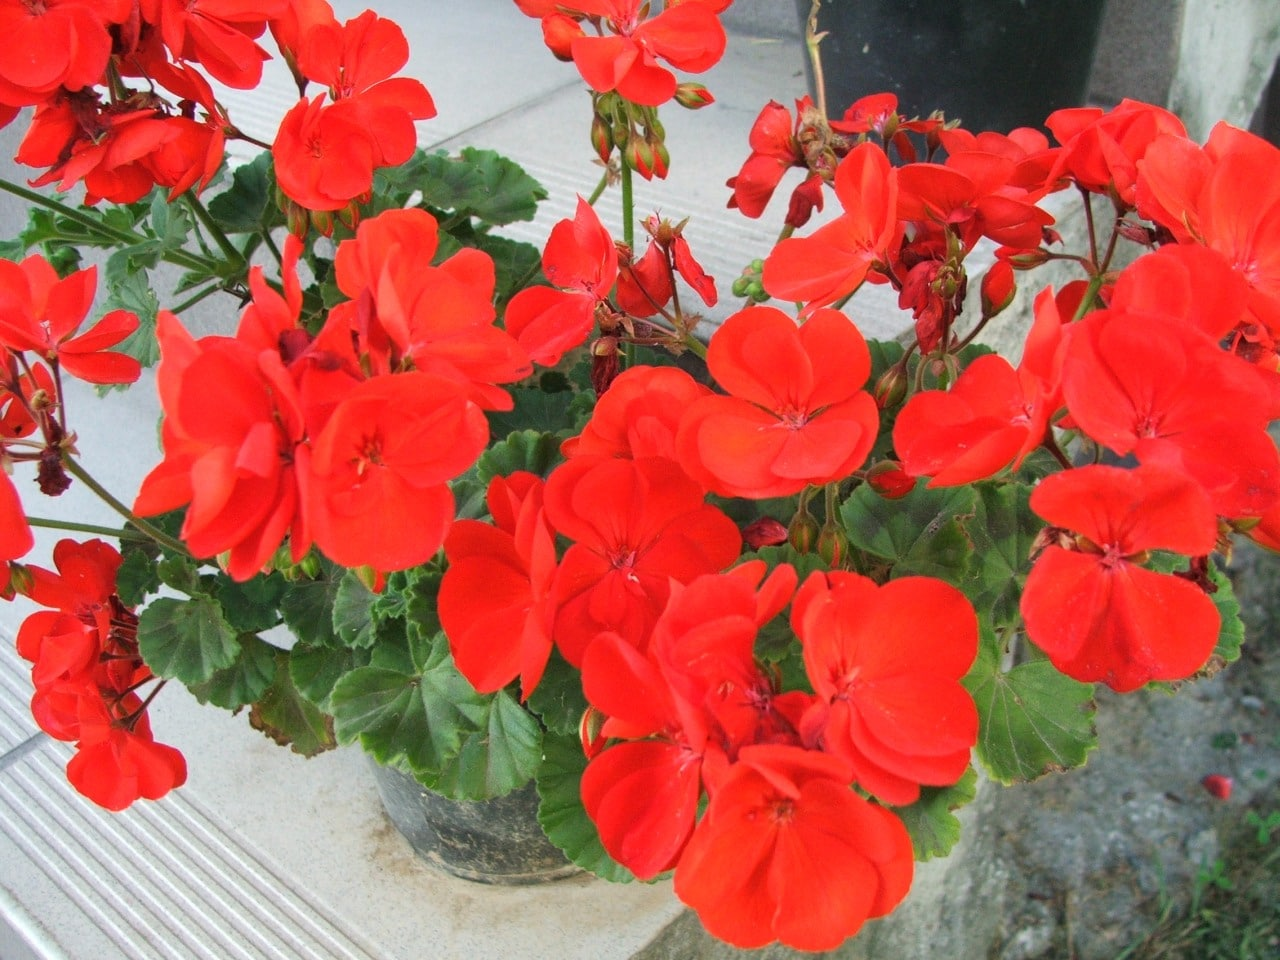 El geranio zonal es una planta de flores rojas, rosas, o blancas